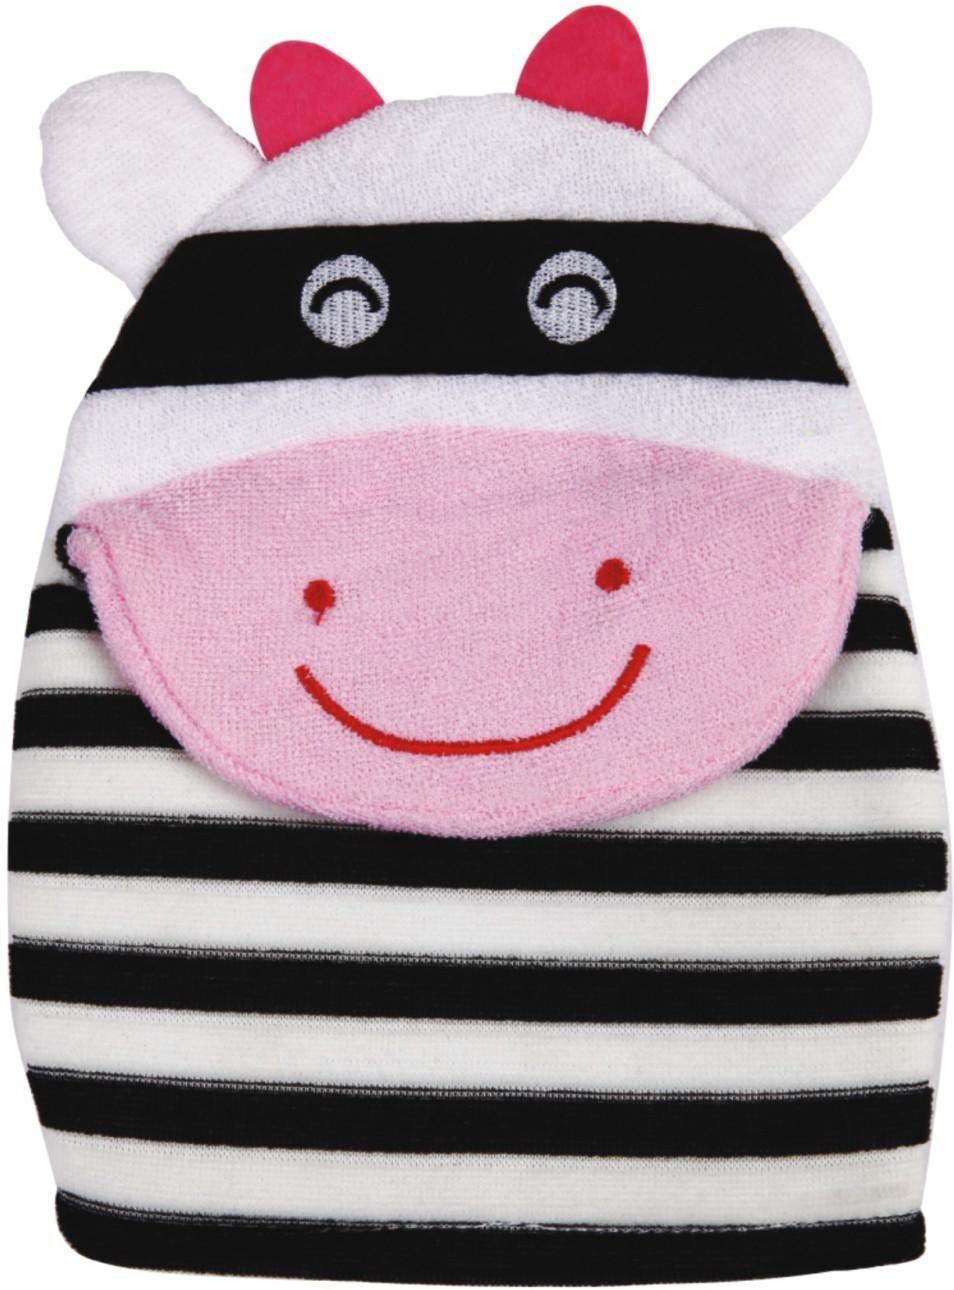 Panache Cartoon Bath Glove (Black & White)